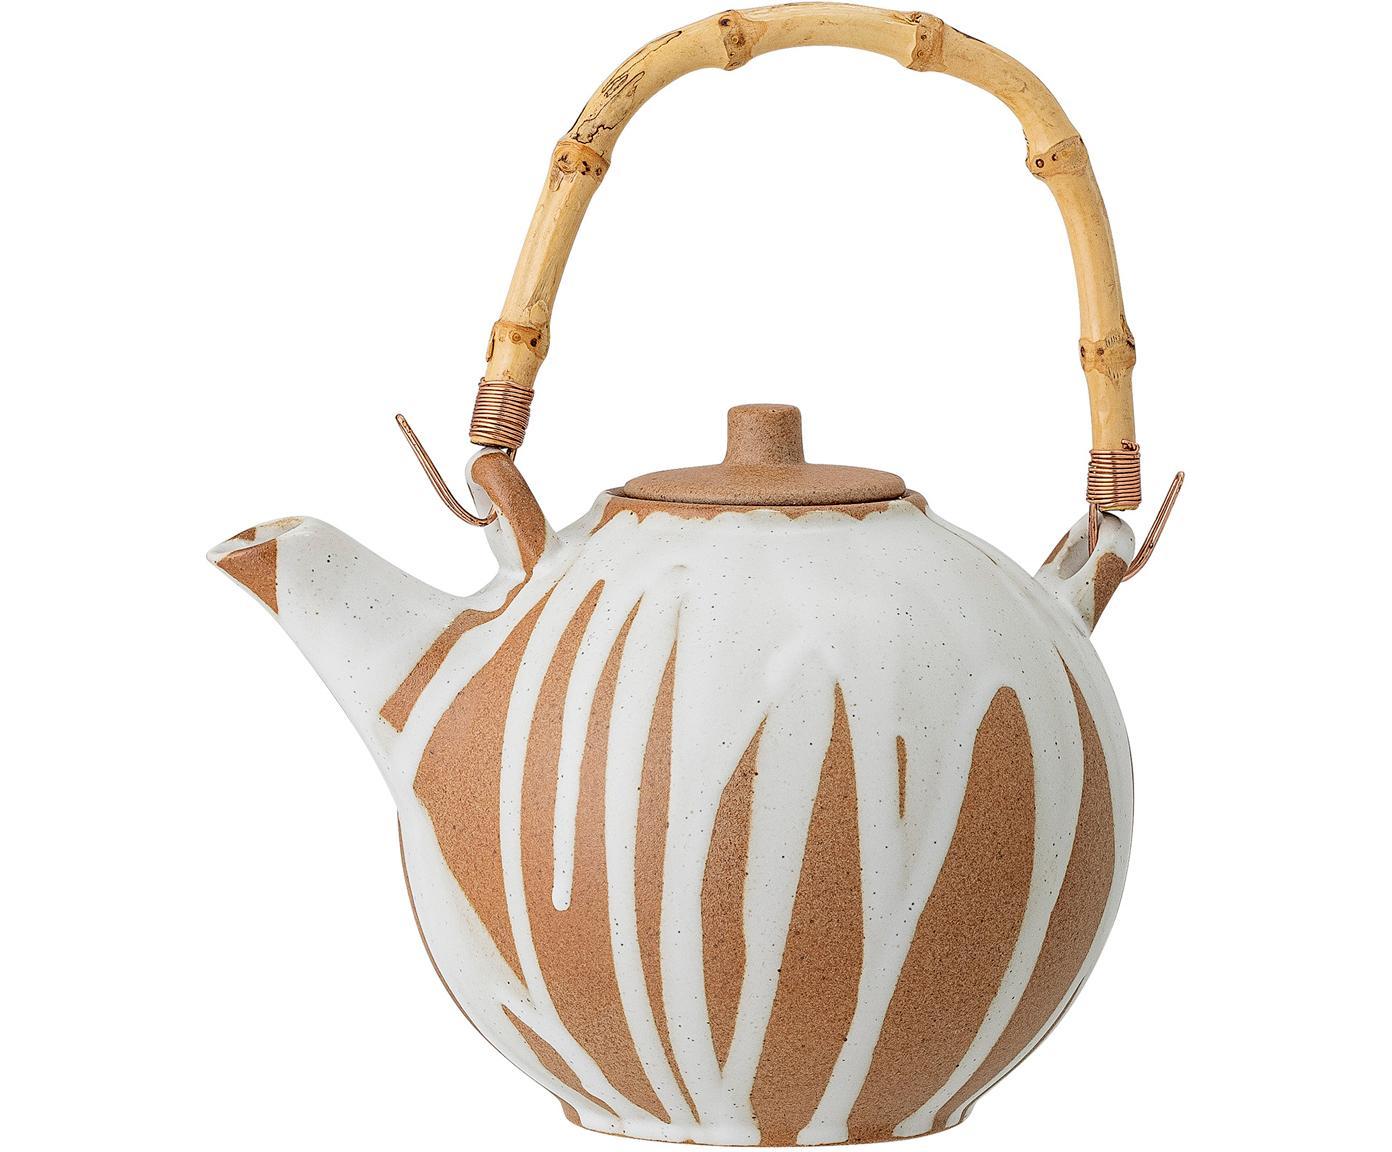 Teiera fatta a mano con manico in bambù Camellia, Terracotta, bambù, acciaio inossidabile, Bianco, terracotta, 800 ml